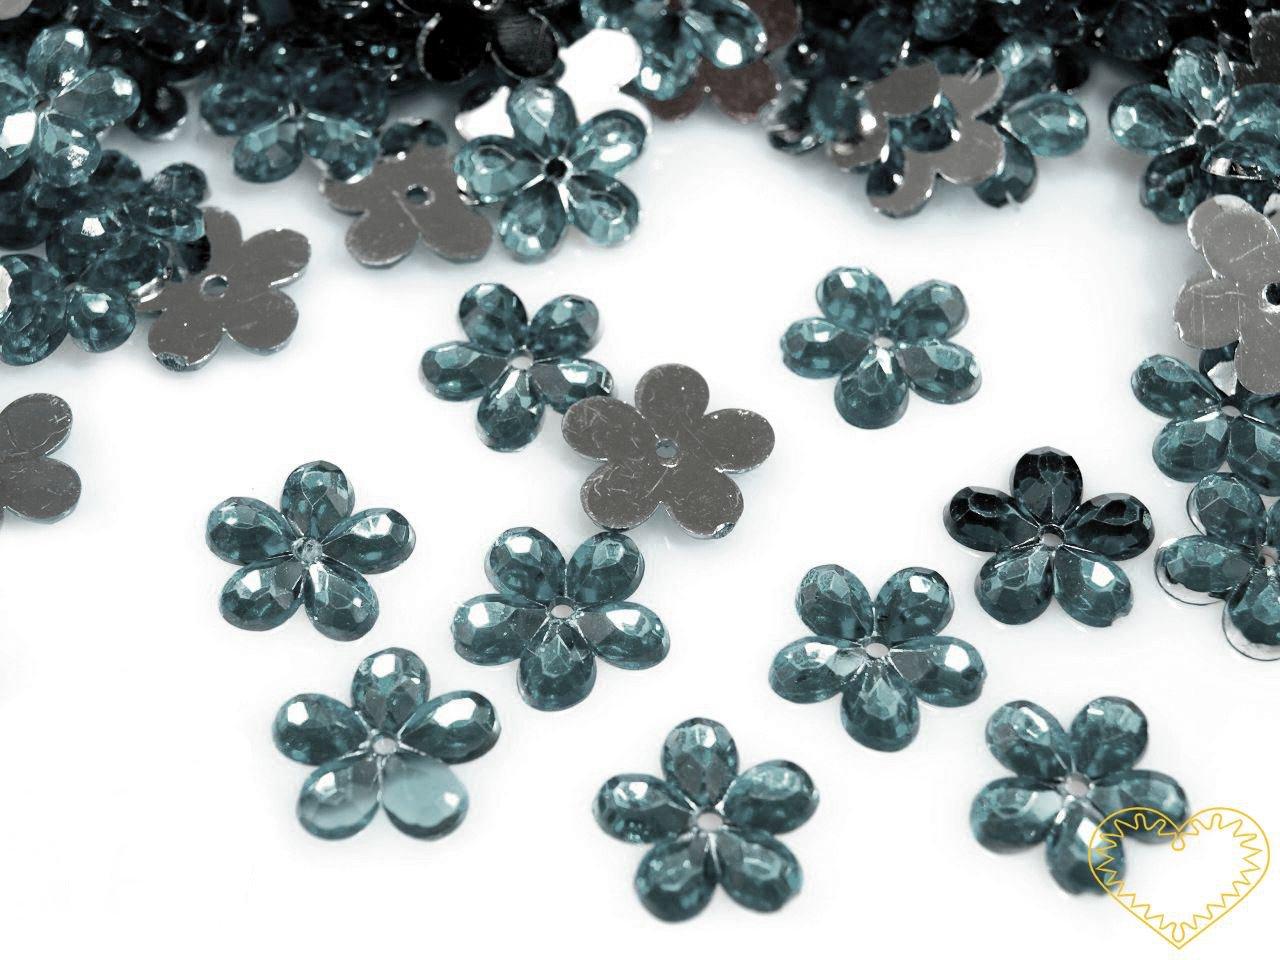 Našívací kytičky modrá popelavá Ø 11 mm -20 ks. Vhodné k dekorování tašek, kabelek, triček, klobouků, čepic, bot, bytového textilu, při výrobě maňásků, panenek, přáníček ad.